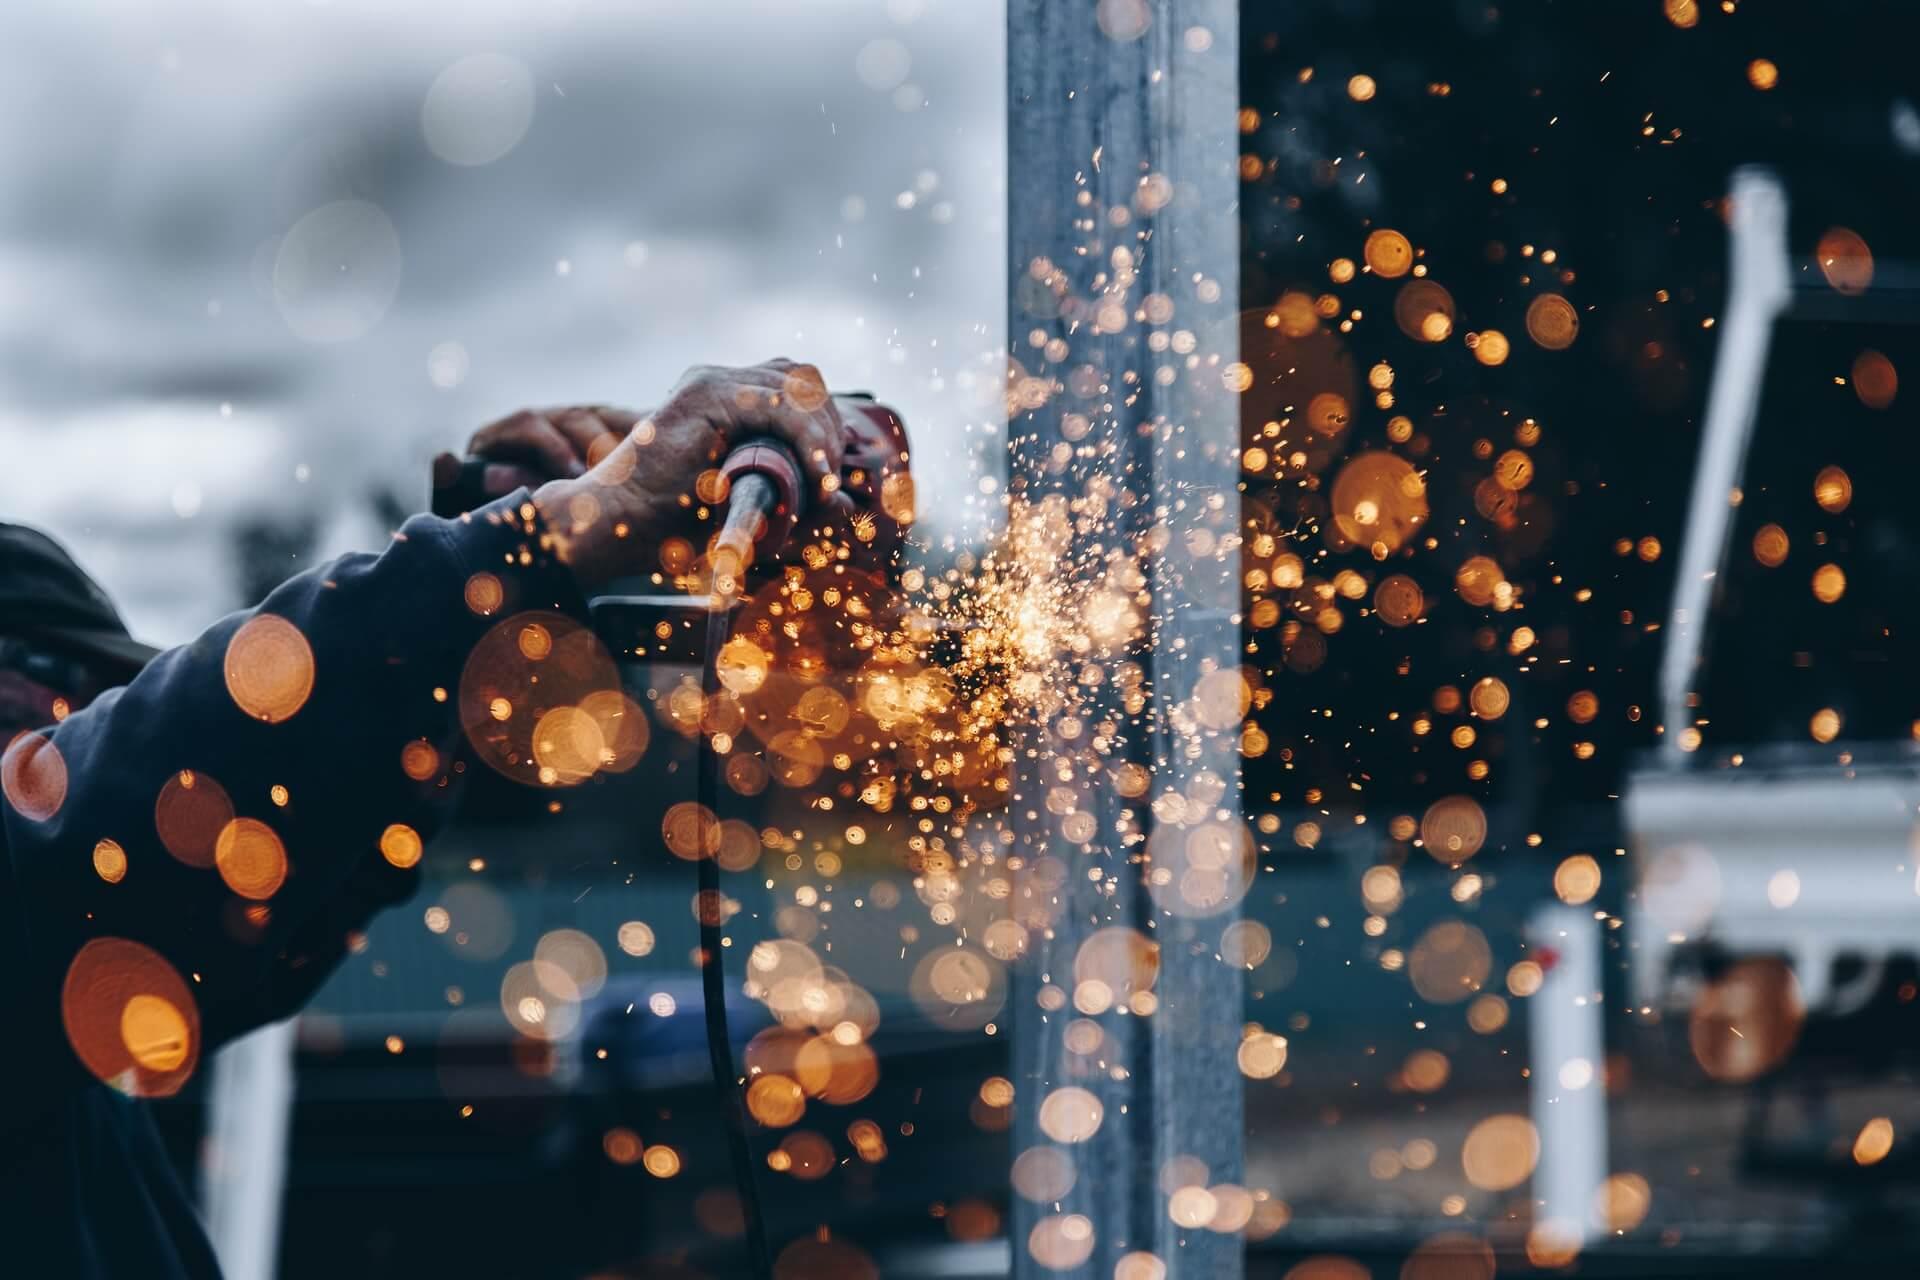 Med laserteknologi har metalbearbejdning aldrig været nemmere